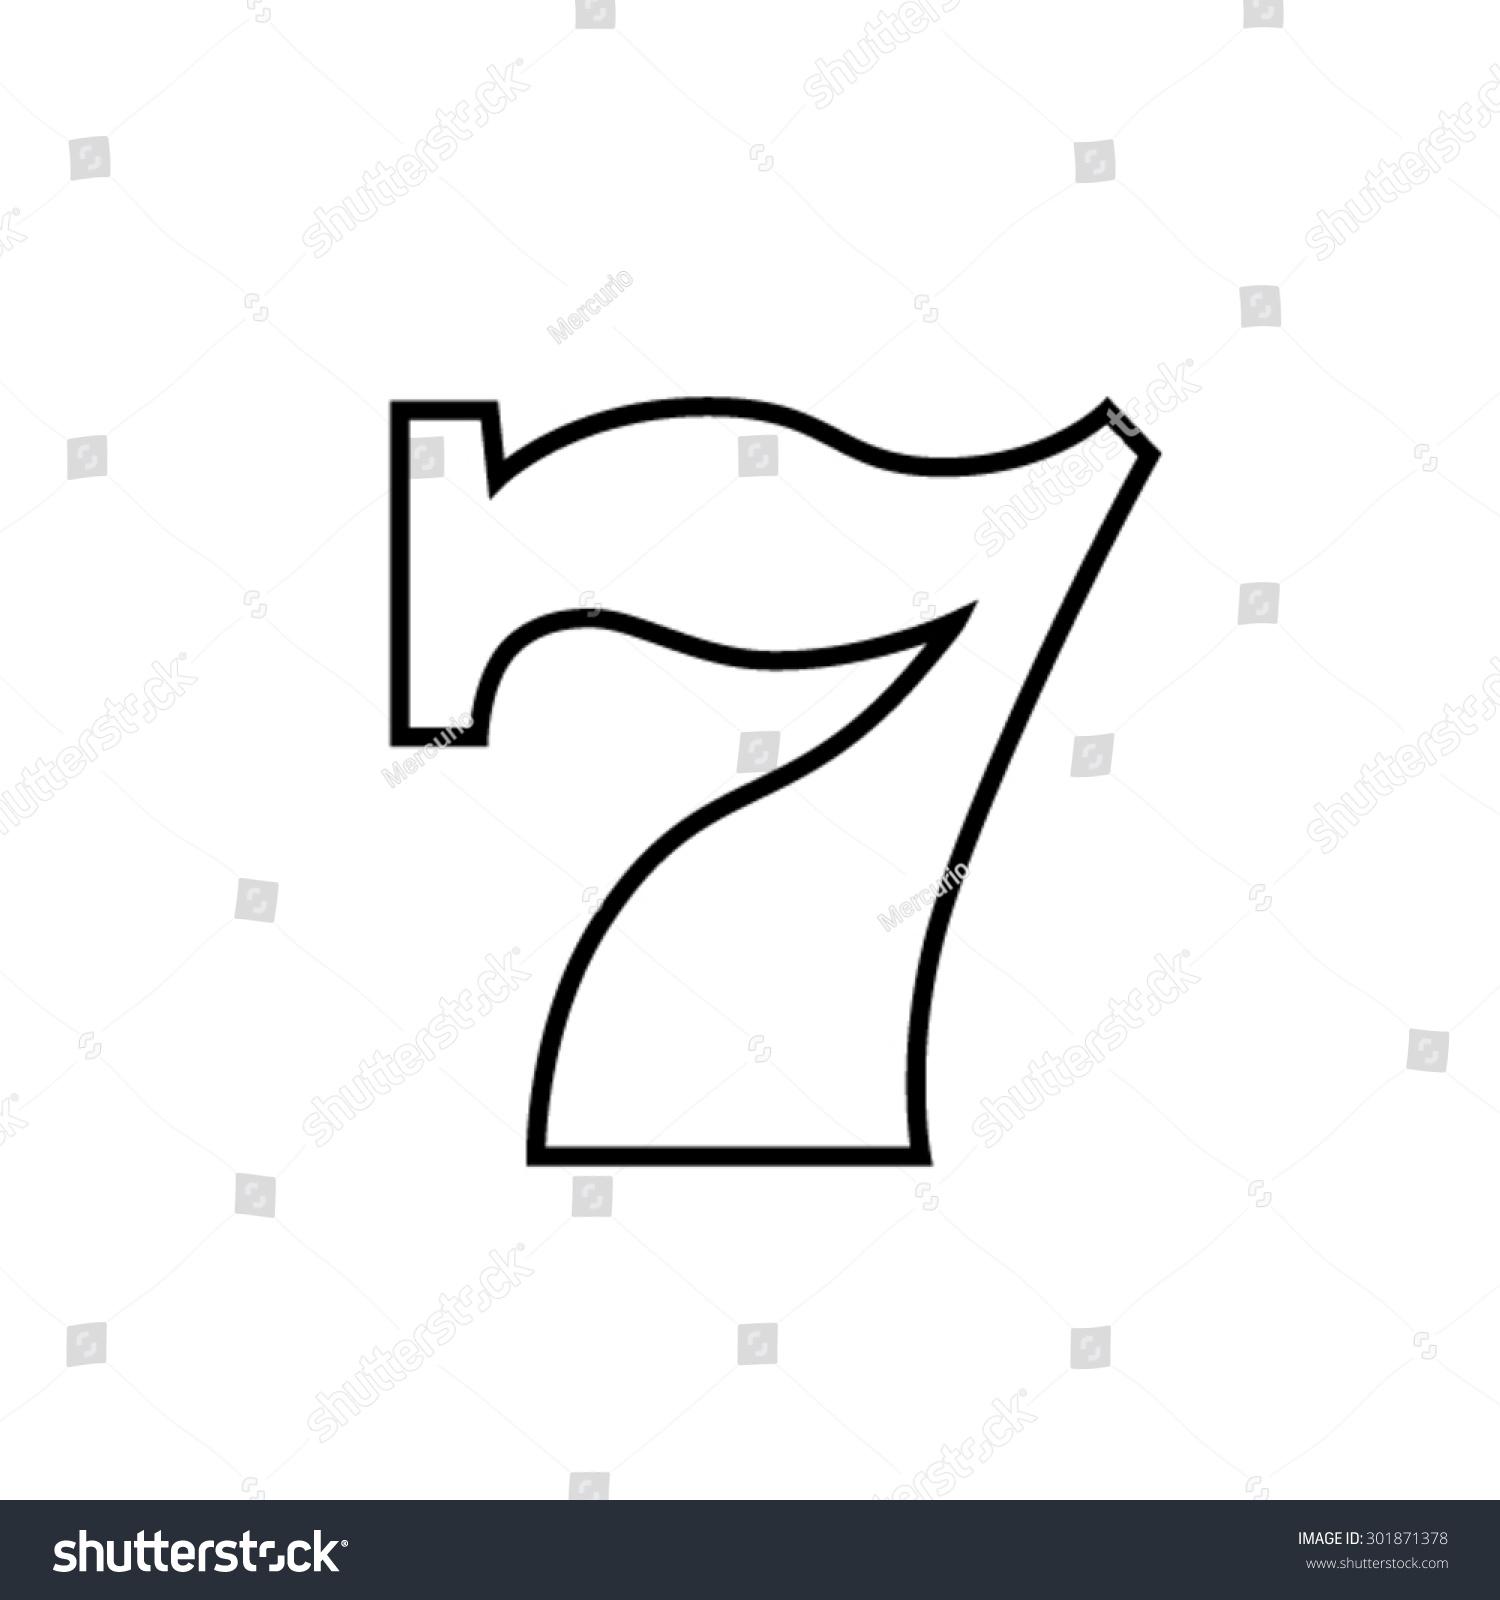 老虎机七黑白图标矢量图